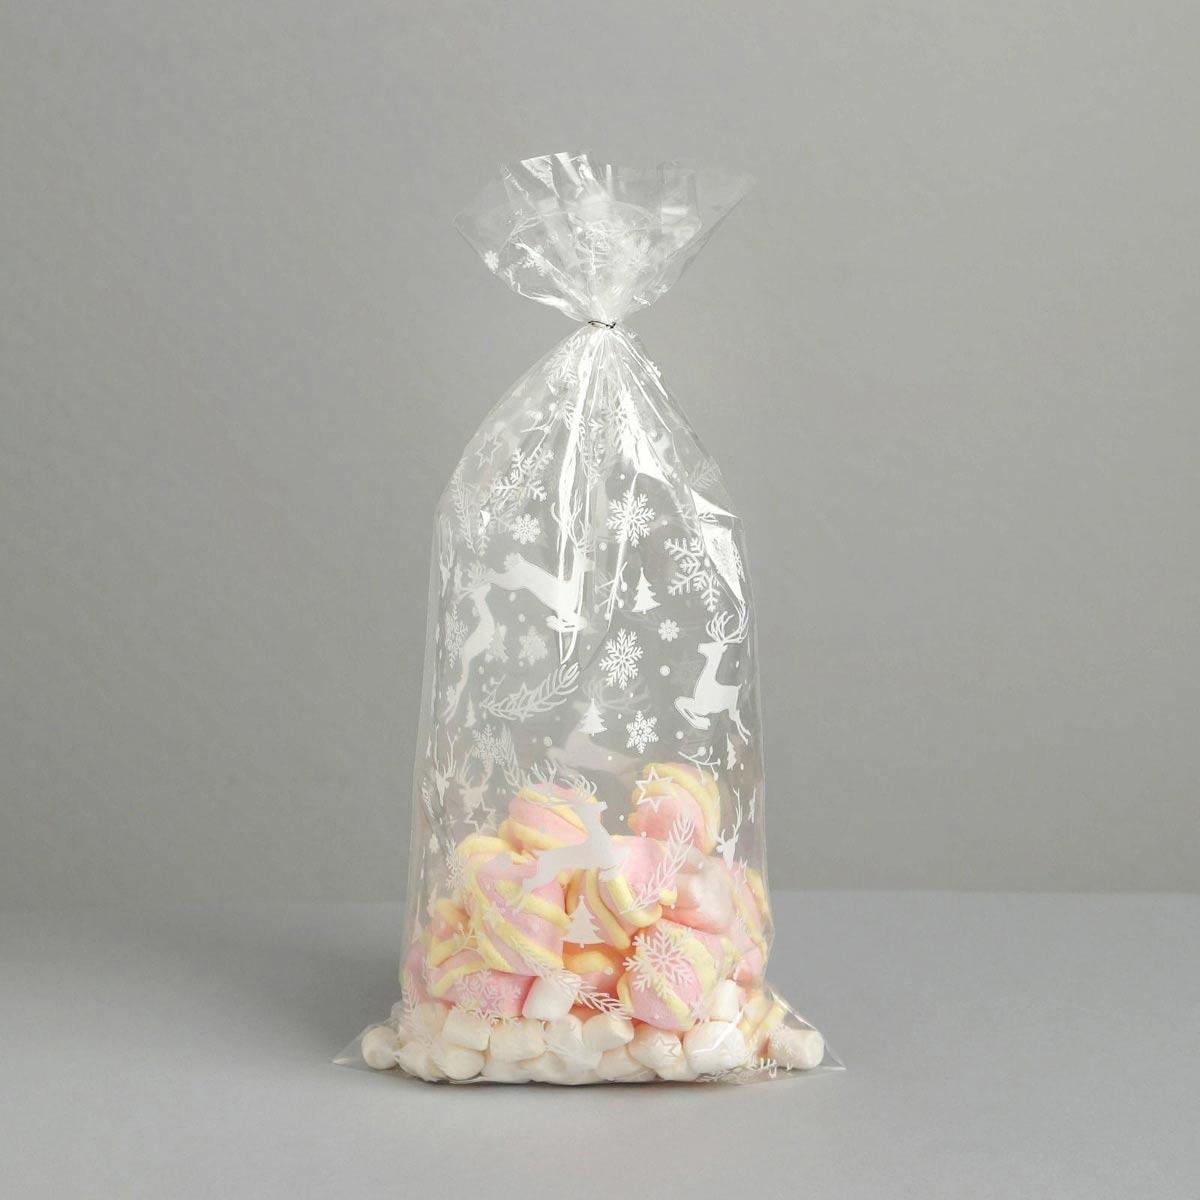 6831703 Пакет подарочный пластиковый 'Олени', 15*30 см